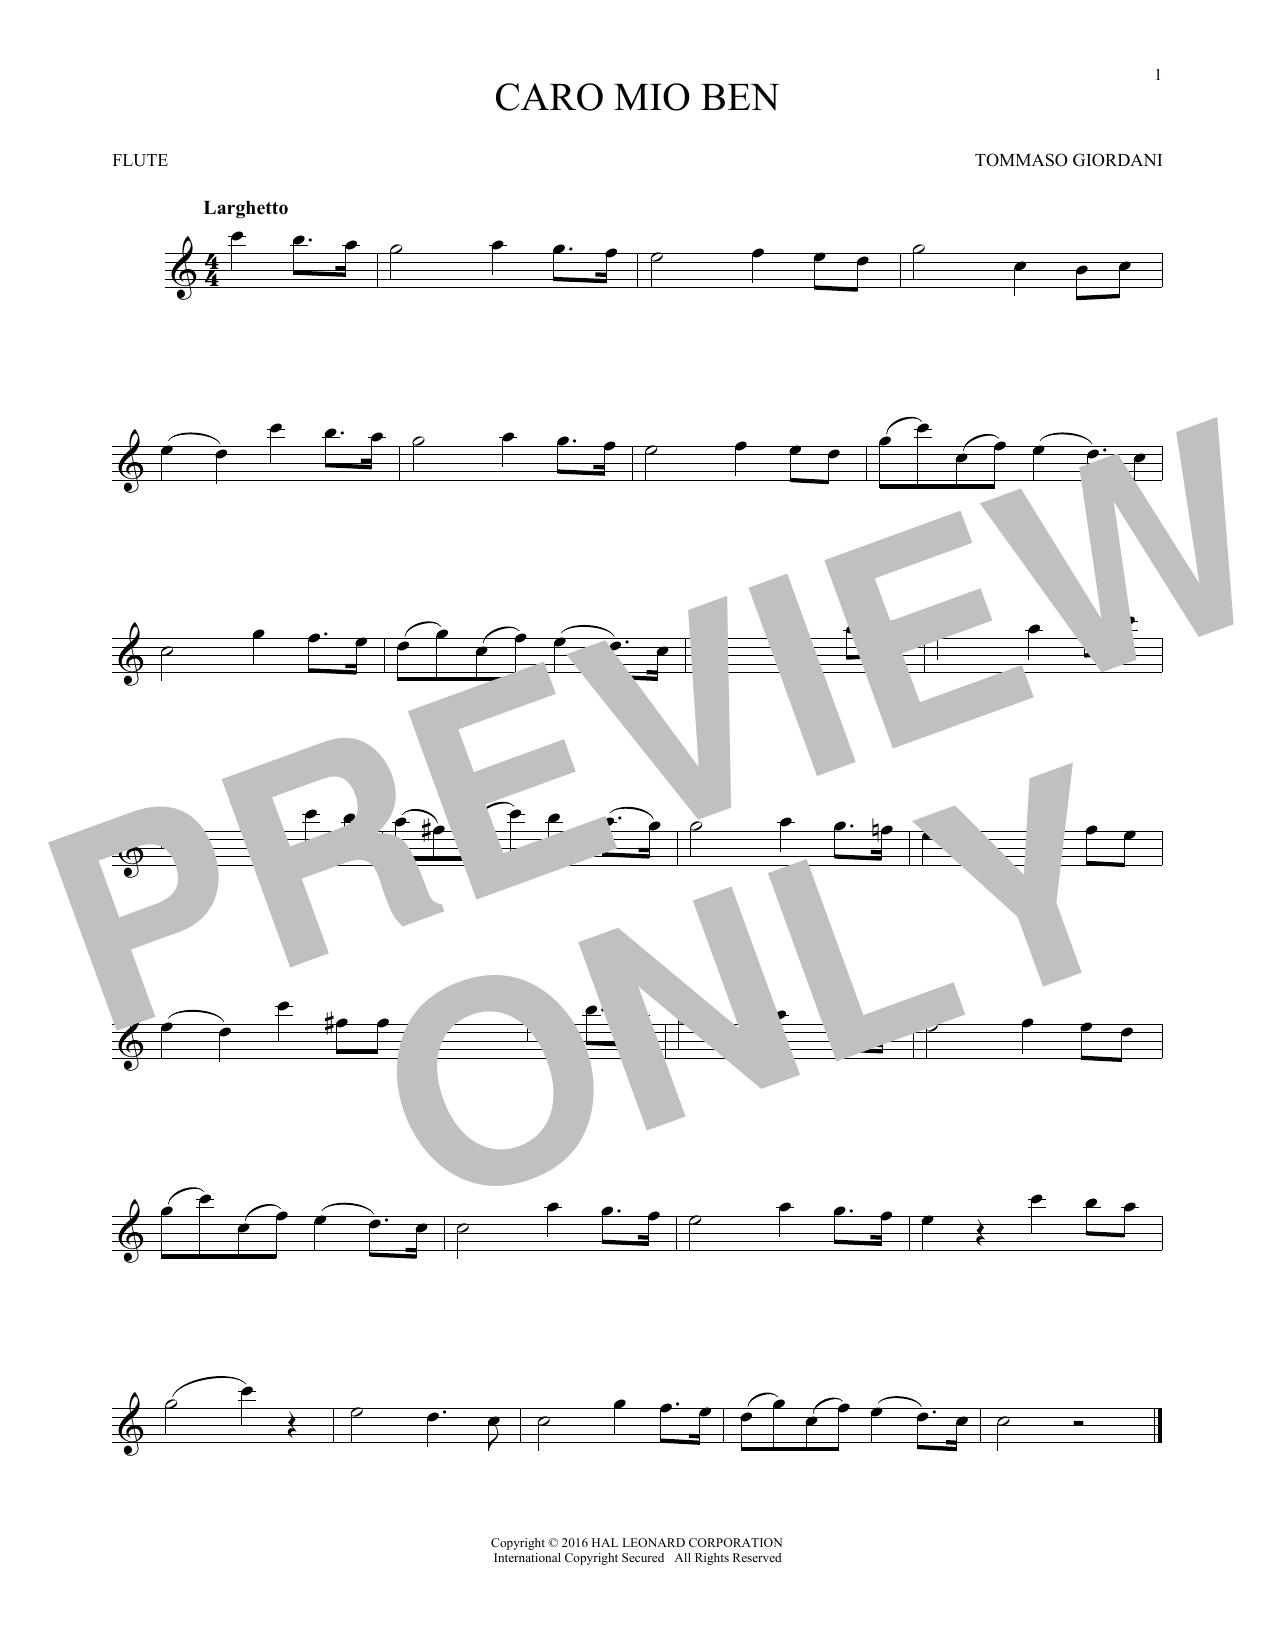 Caro Mio Ben (Flute Solo)